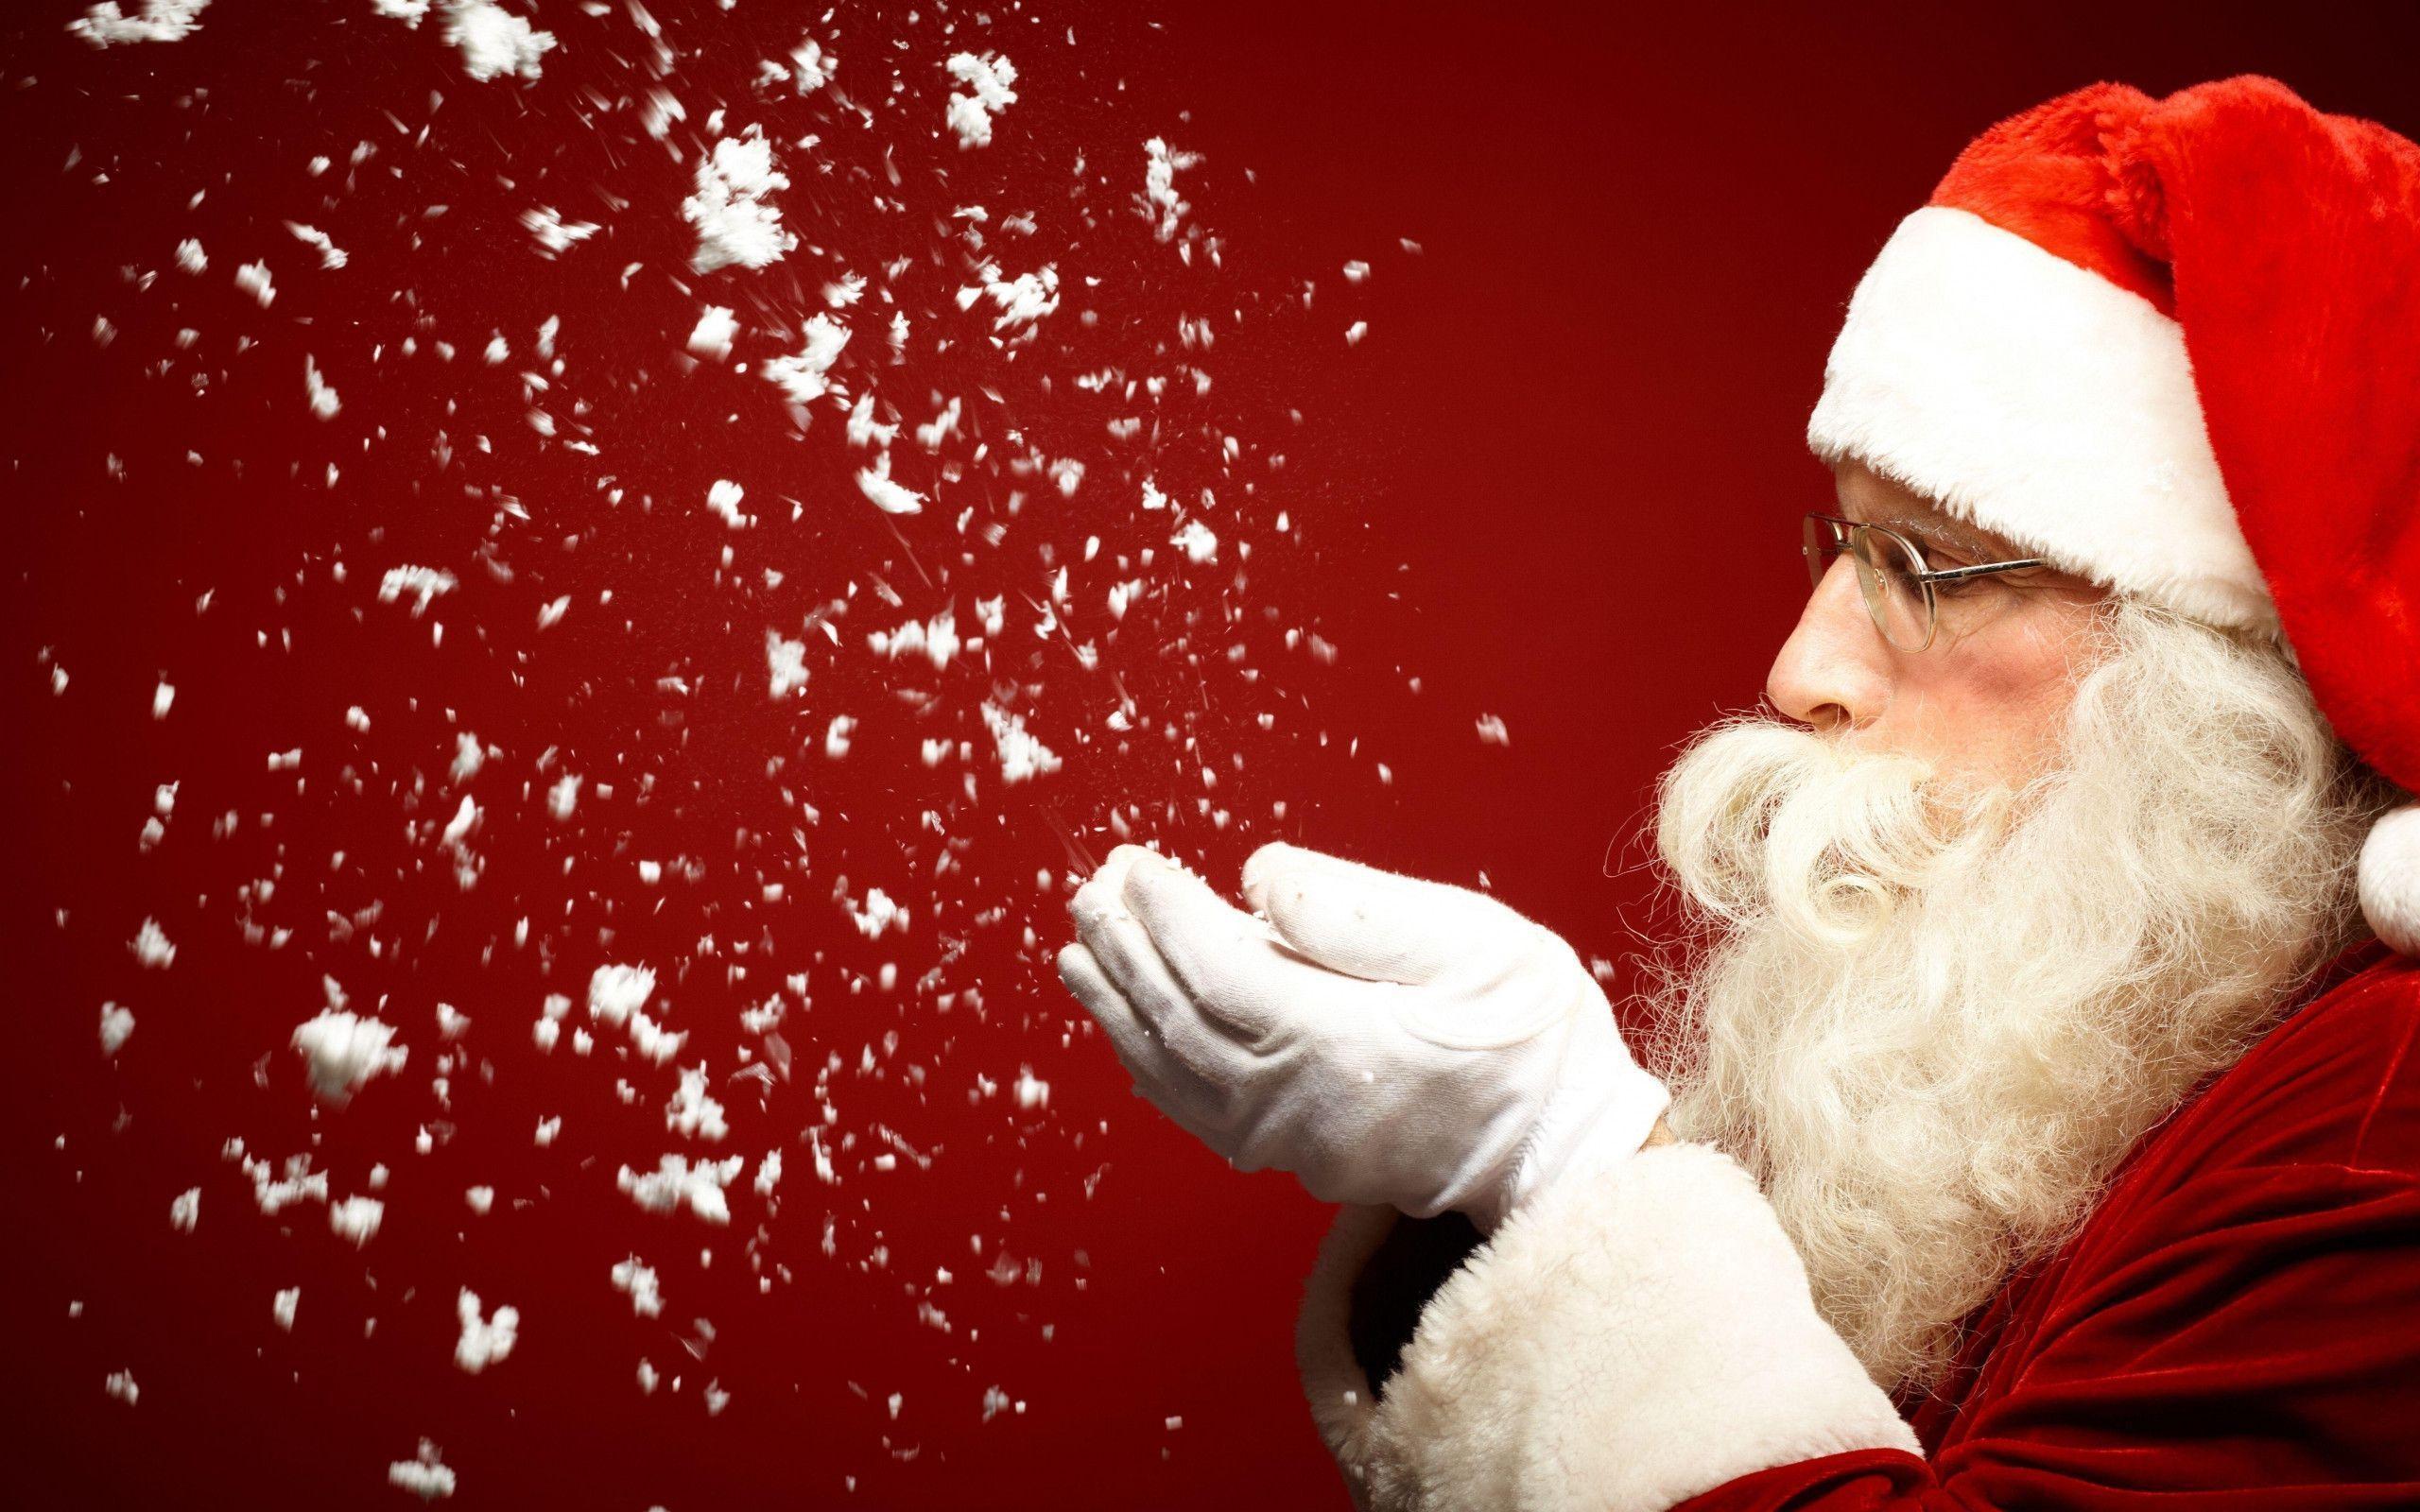 Santa Claus Christmas HD Wallpapers